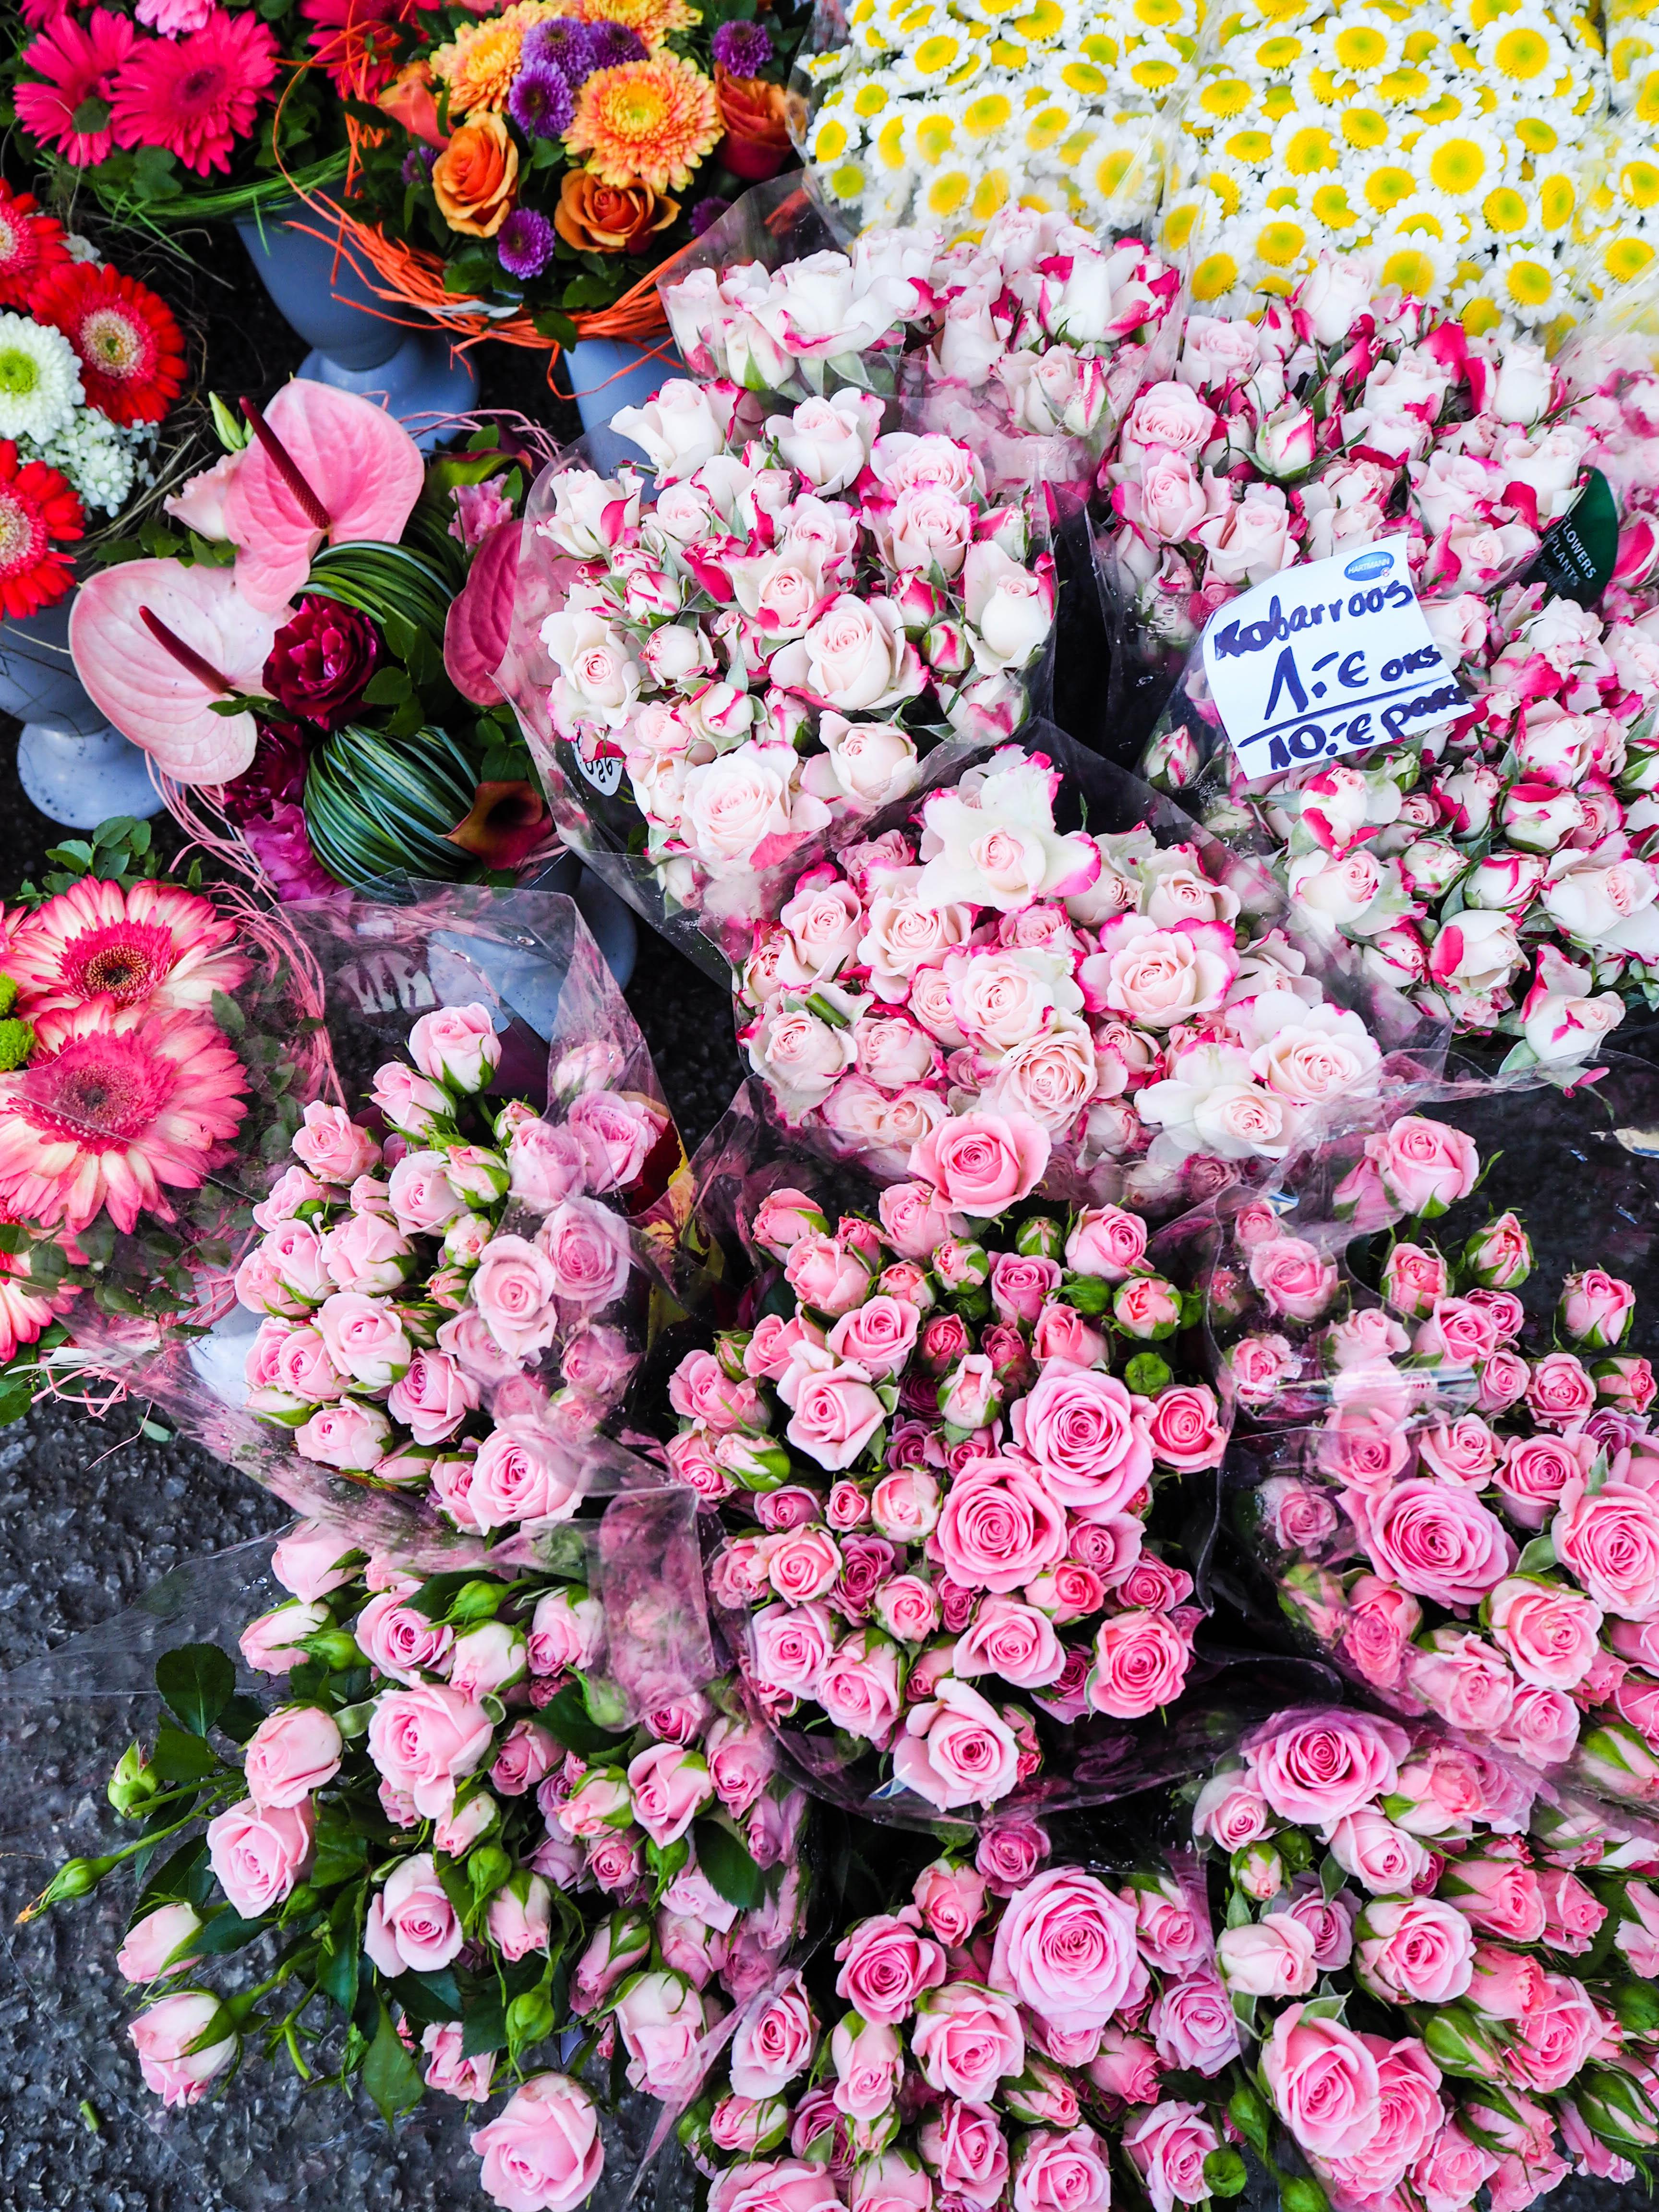 flowermarketTallinn16 (8 of 17)